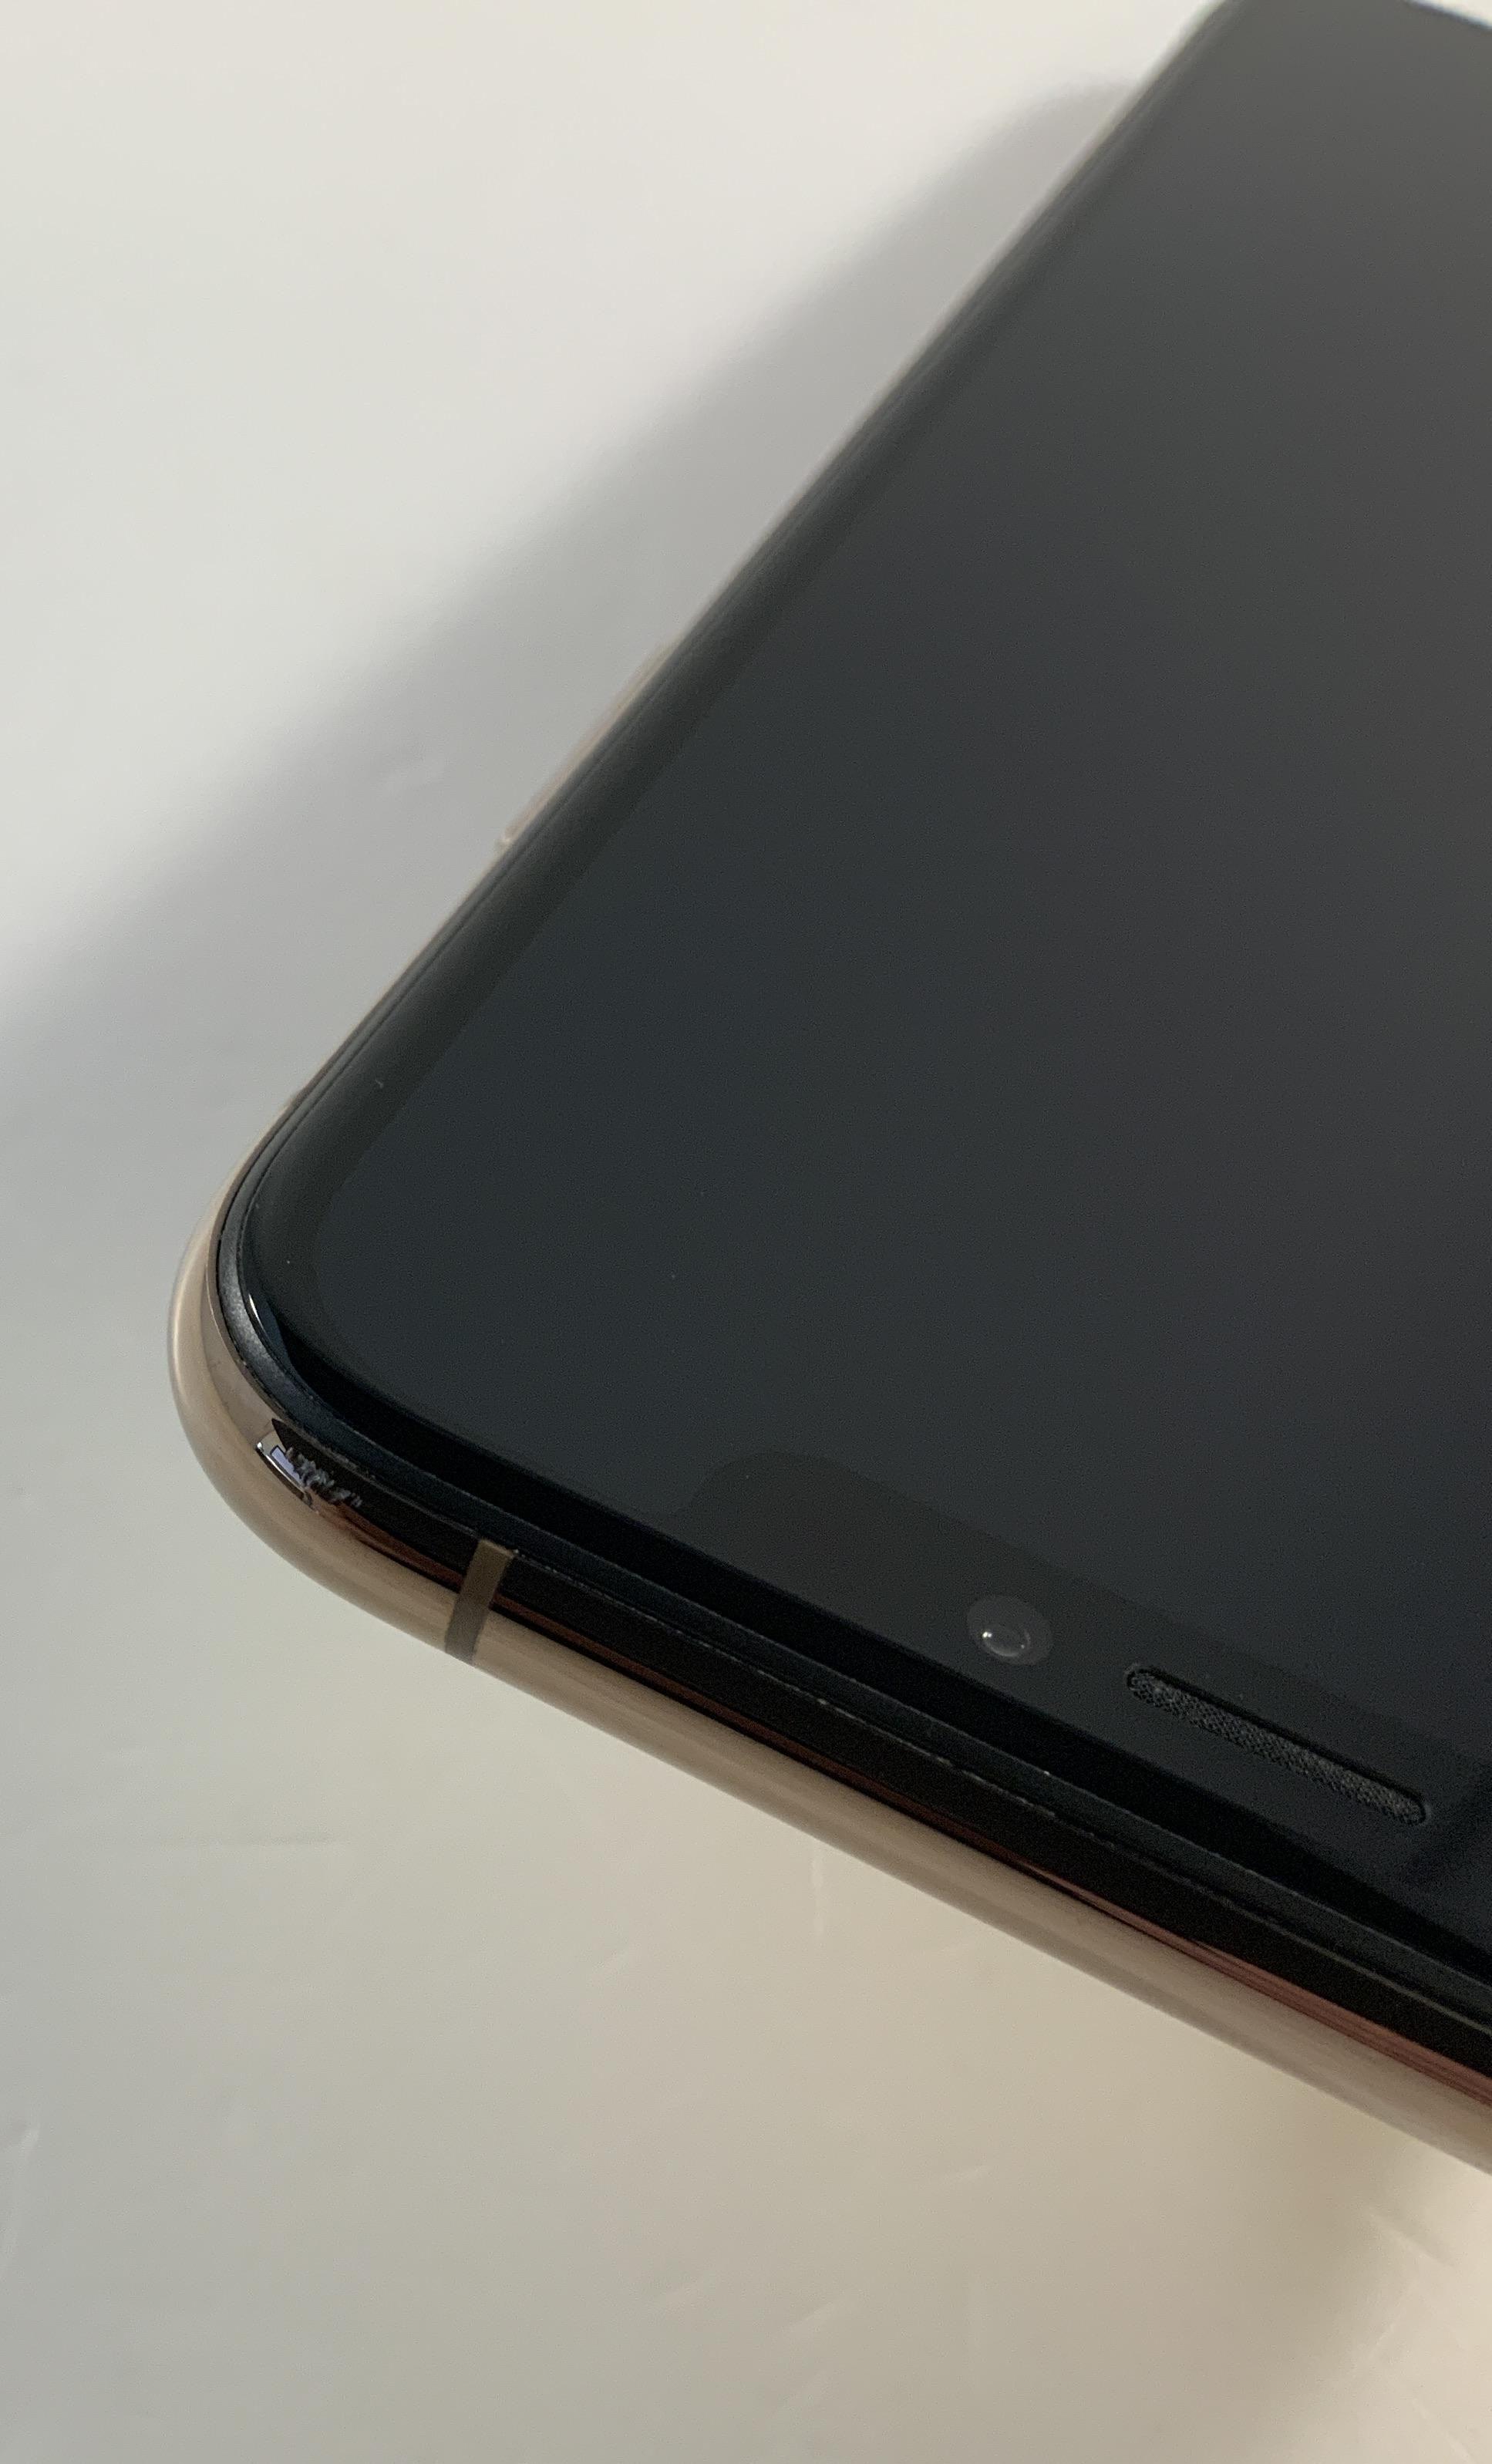 iPhone XS 64GB, 64GB, Gold, obraz 3